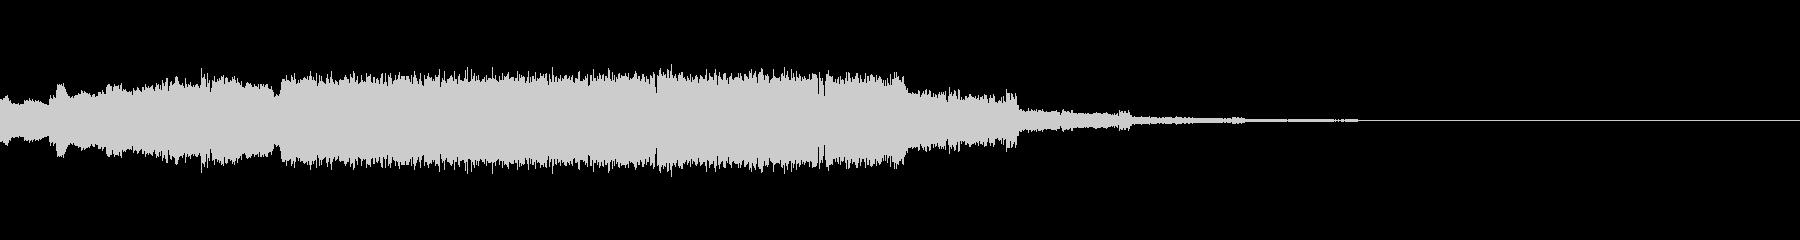 電子的な水音の未再生の波形